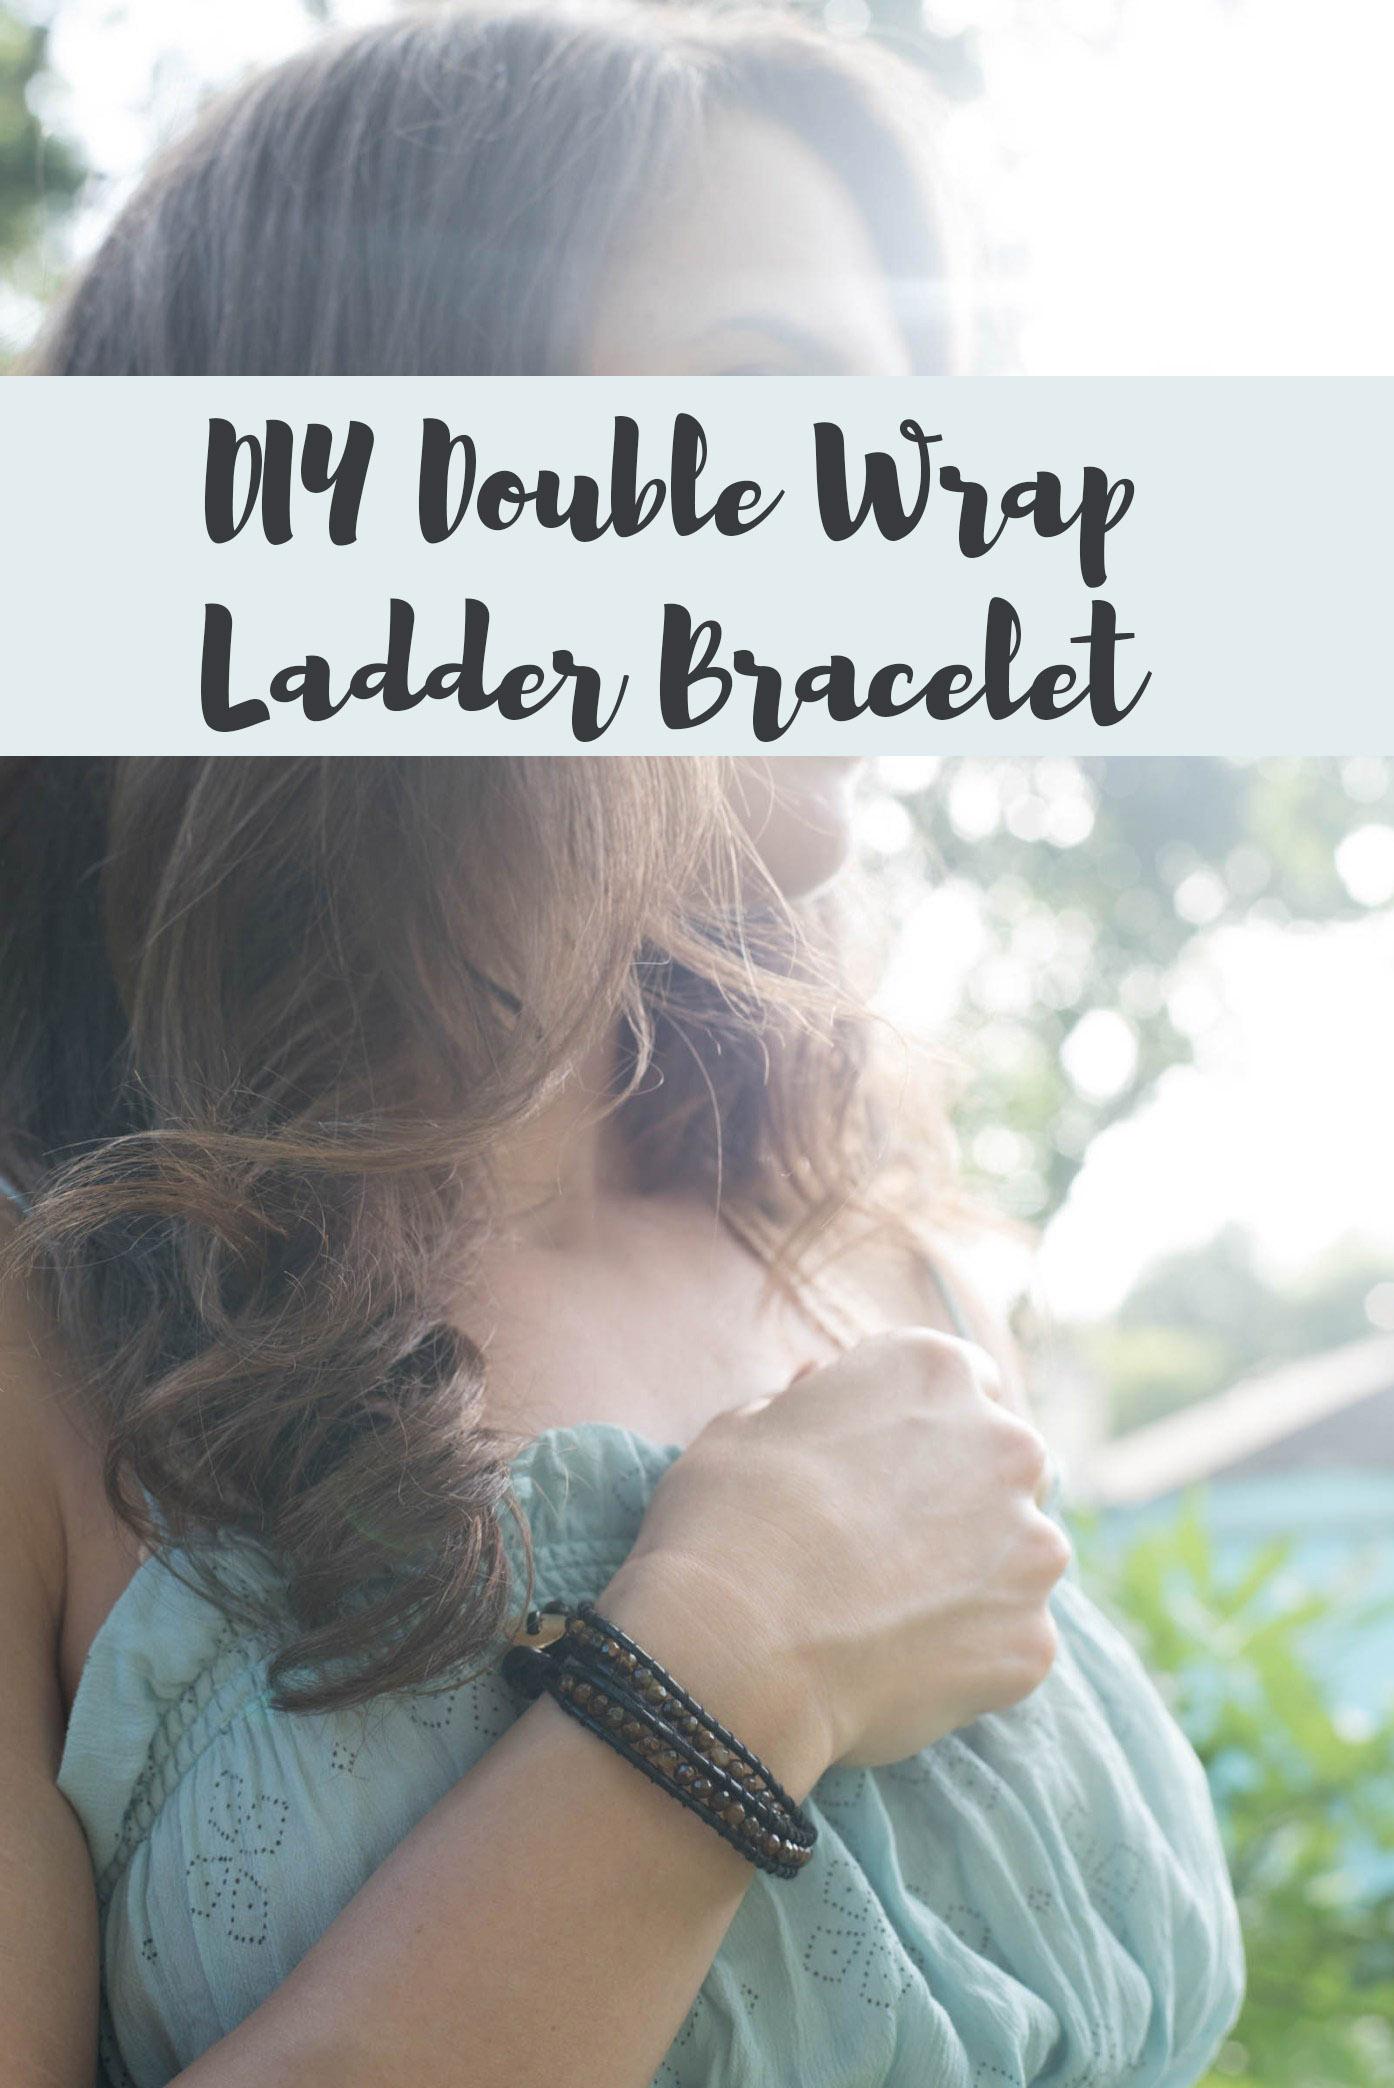 diy wrapped ladder bracelet